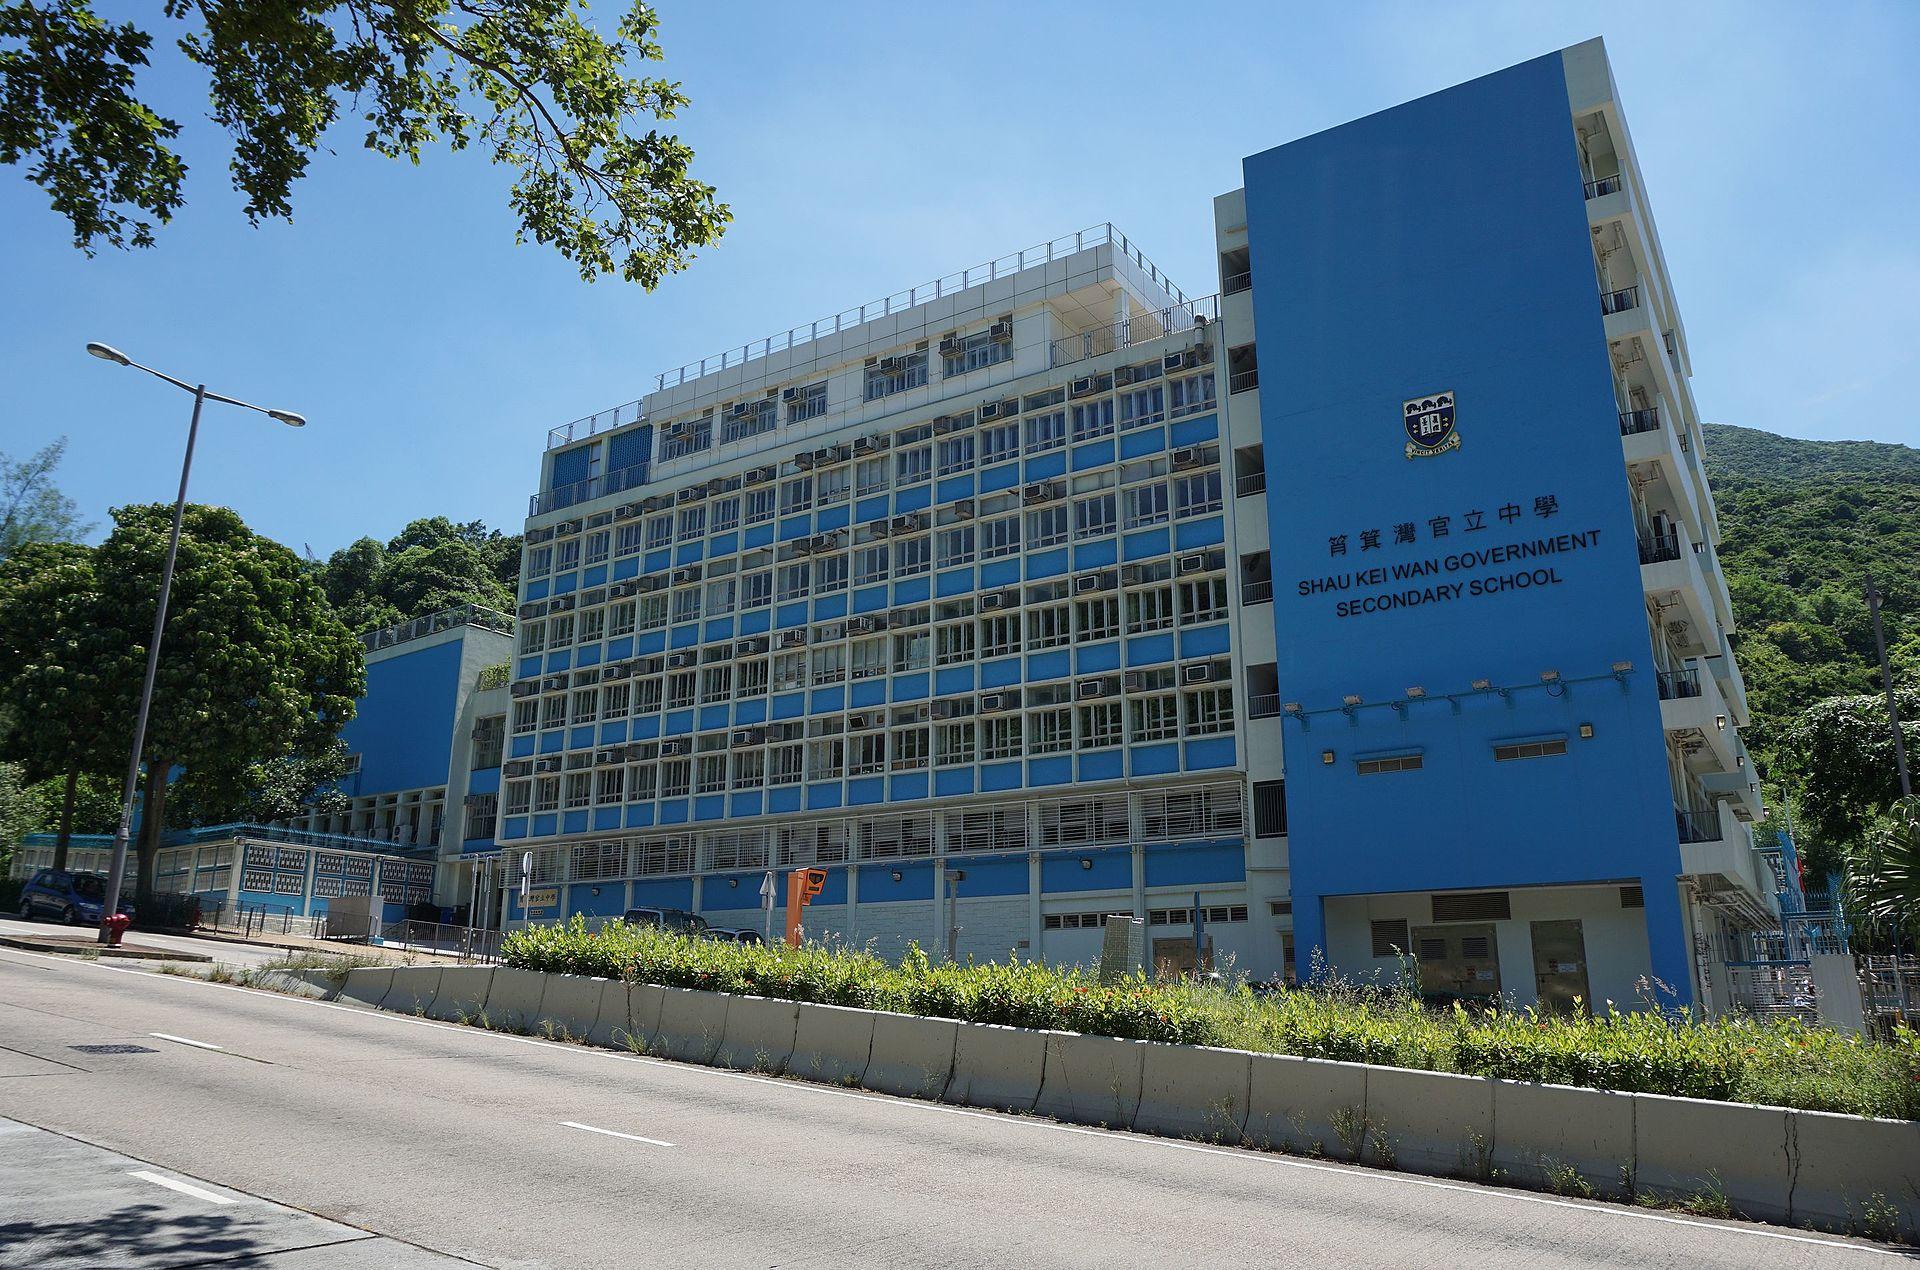 筲箕灣官立中學 - 維基百科。自由的百科全書